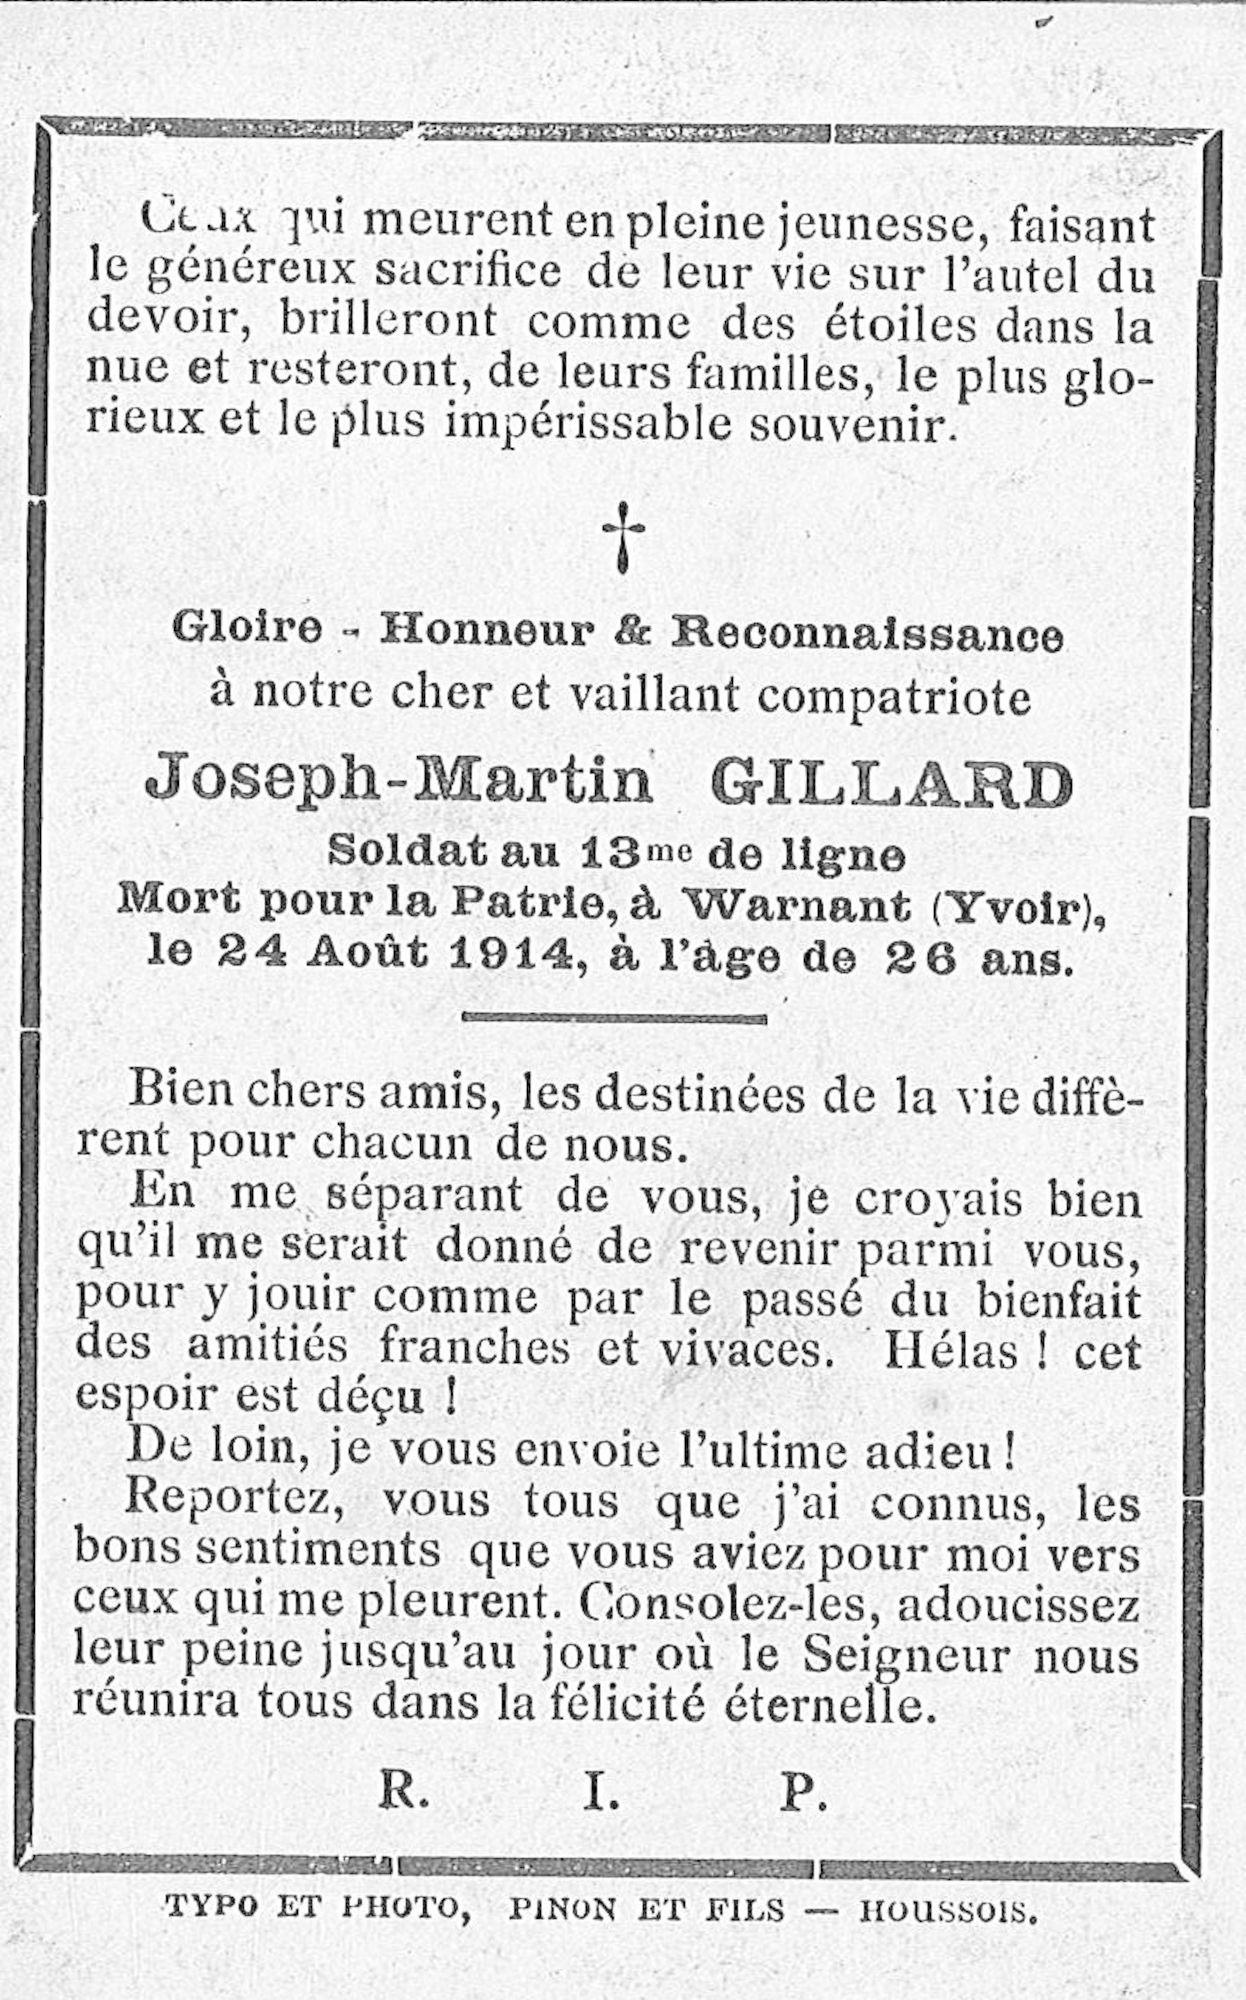 Joseph-Martin Gillard